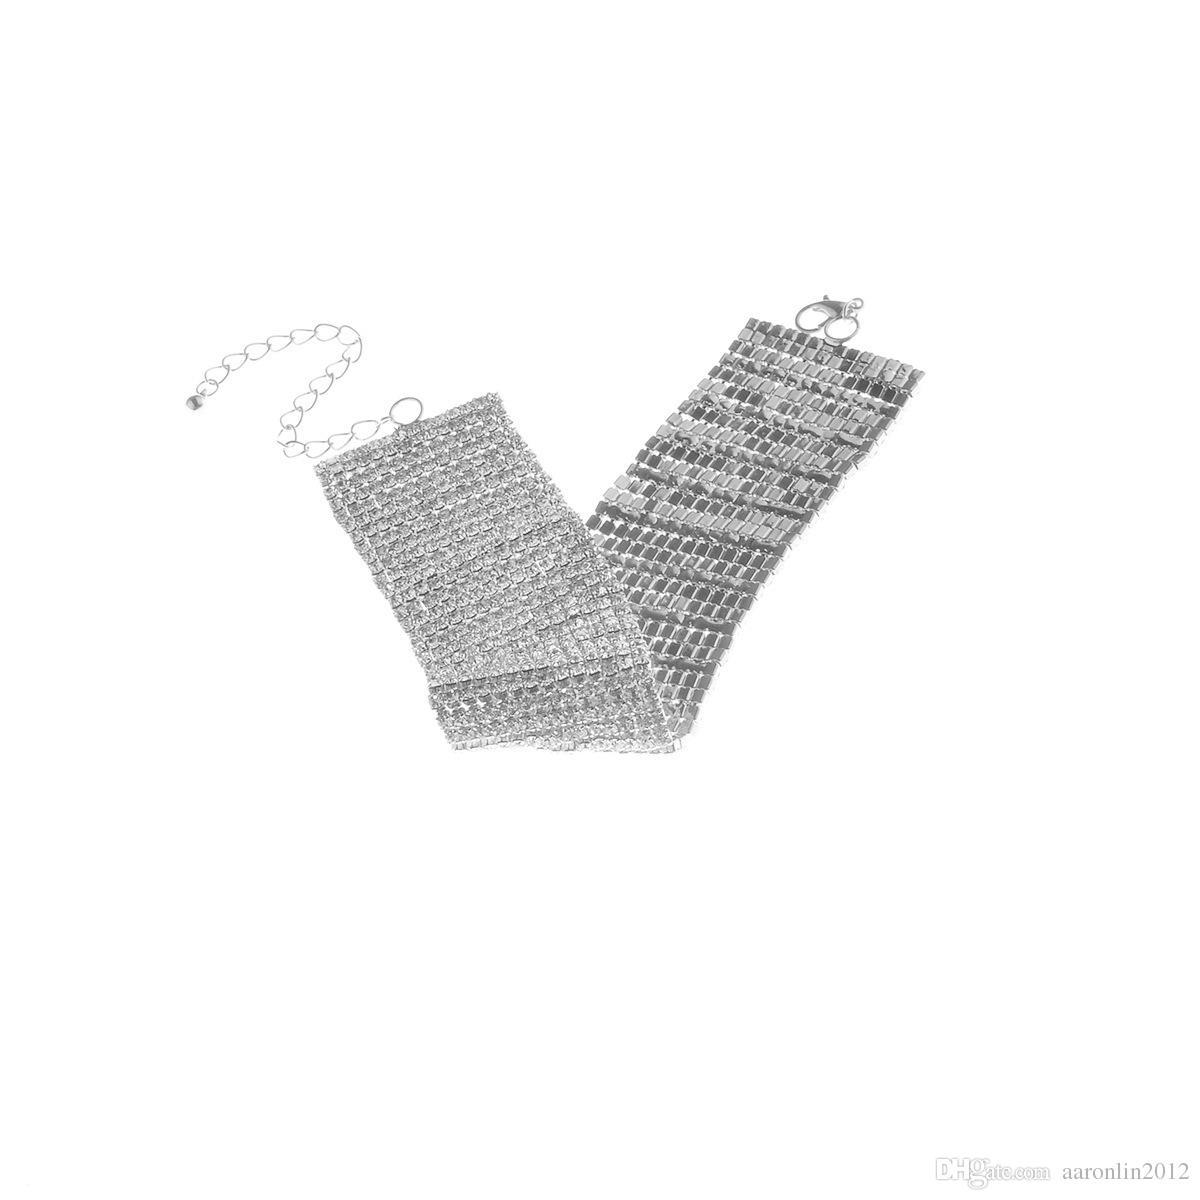 جديد تماما متعدد كريستال الخلخال سلاسل النساء حجر الراين بيان خلخال الساق سلاسل نادي ليلة حزب مجوهرات اكسسوارات 2017